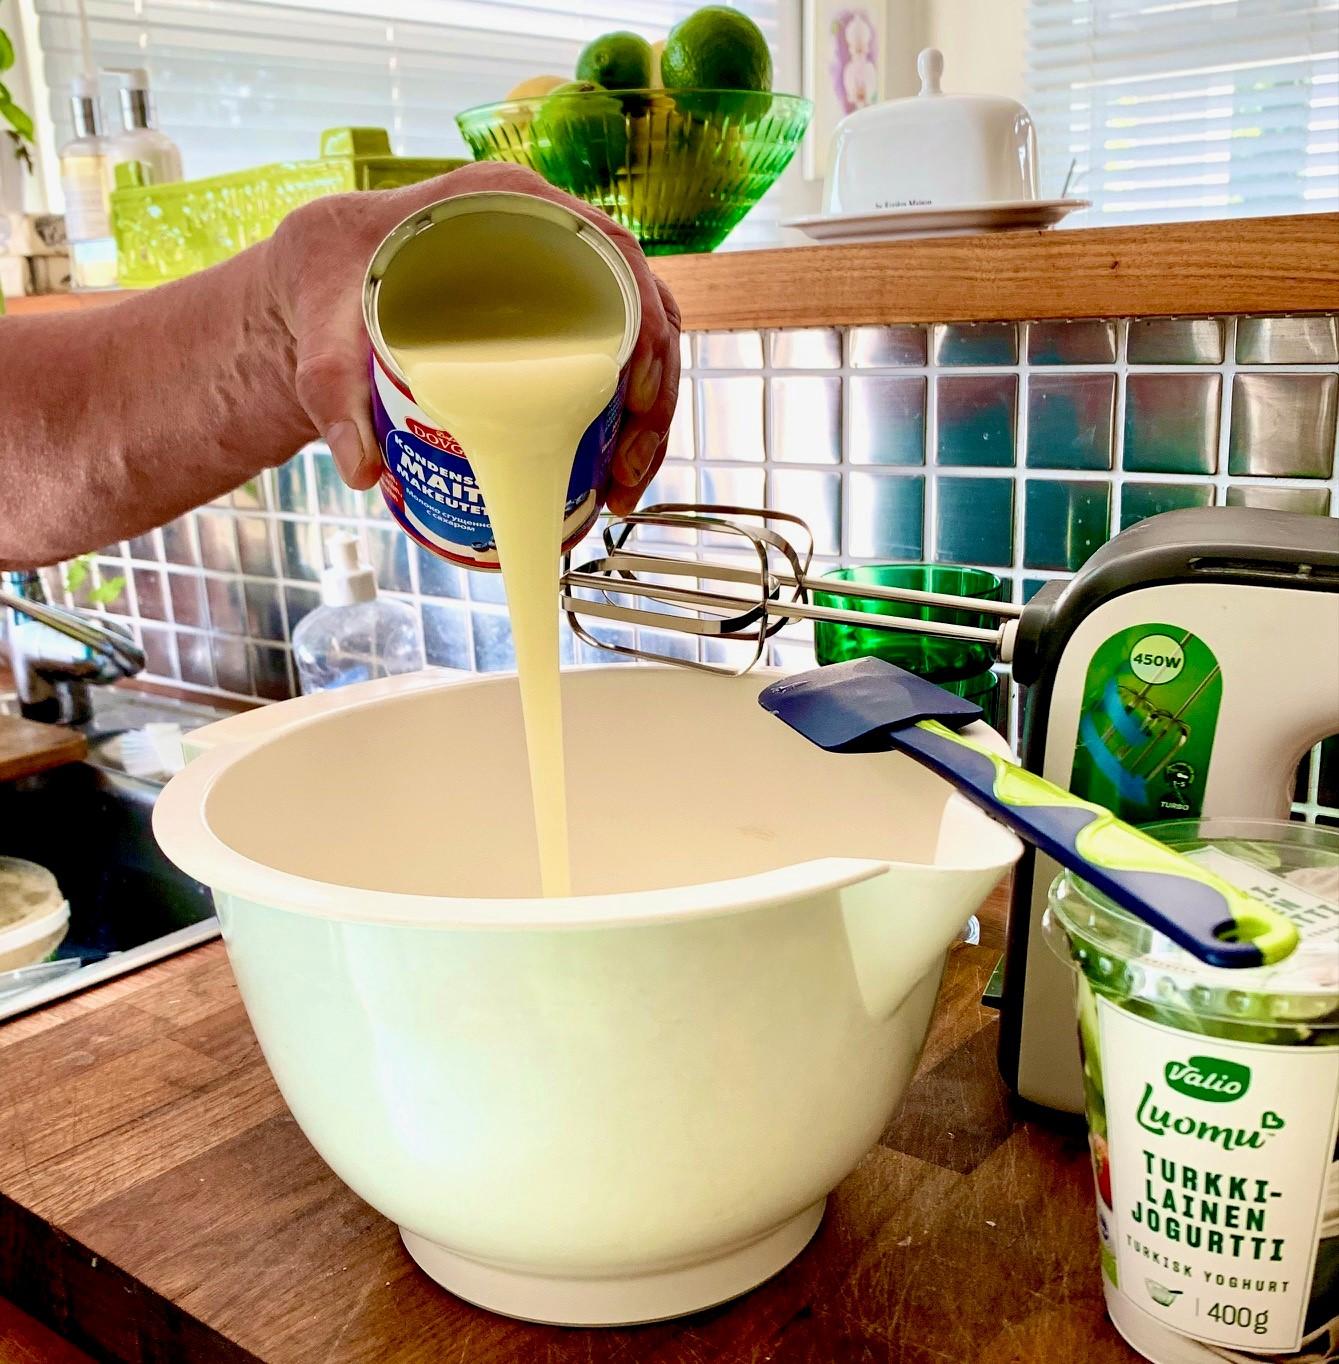 tee itse jogurttijäätelö